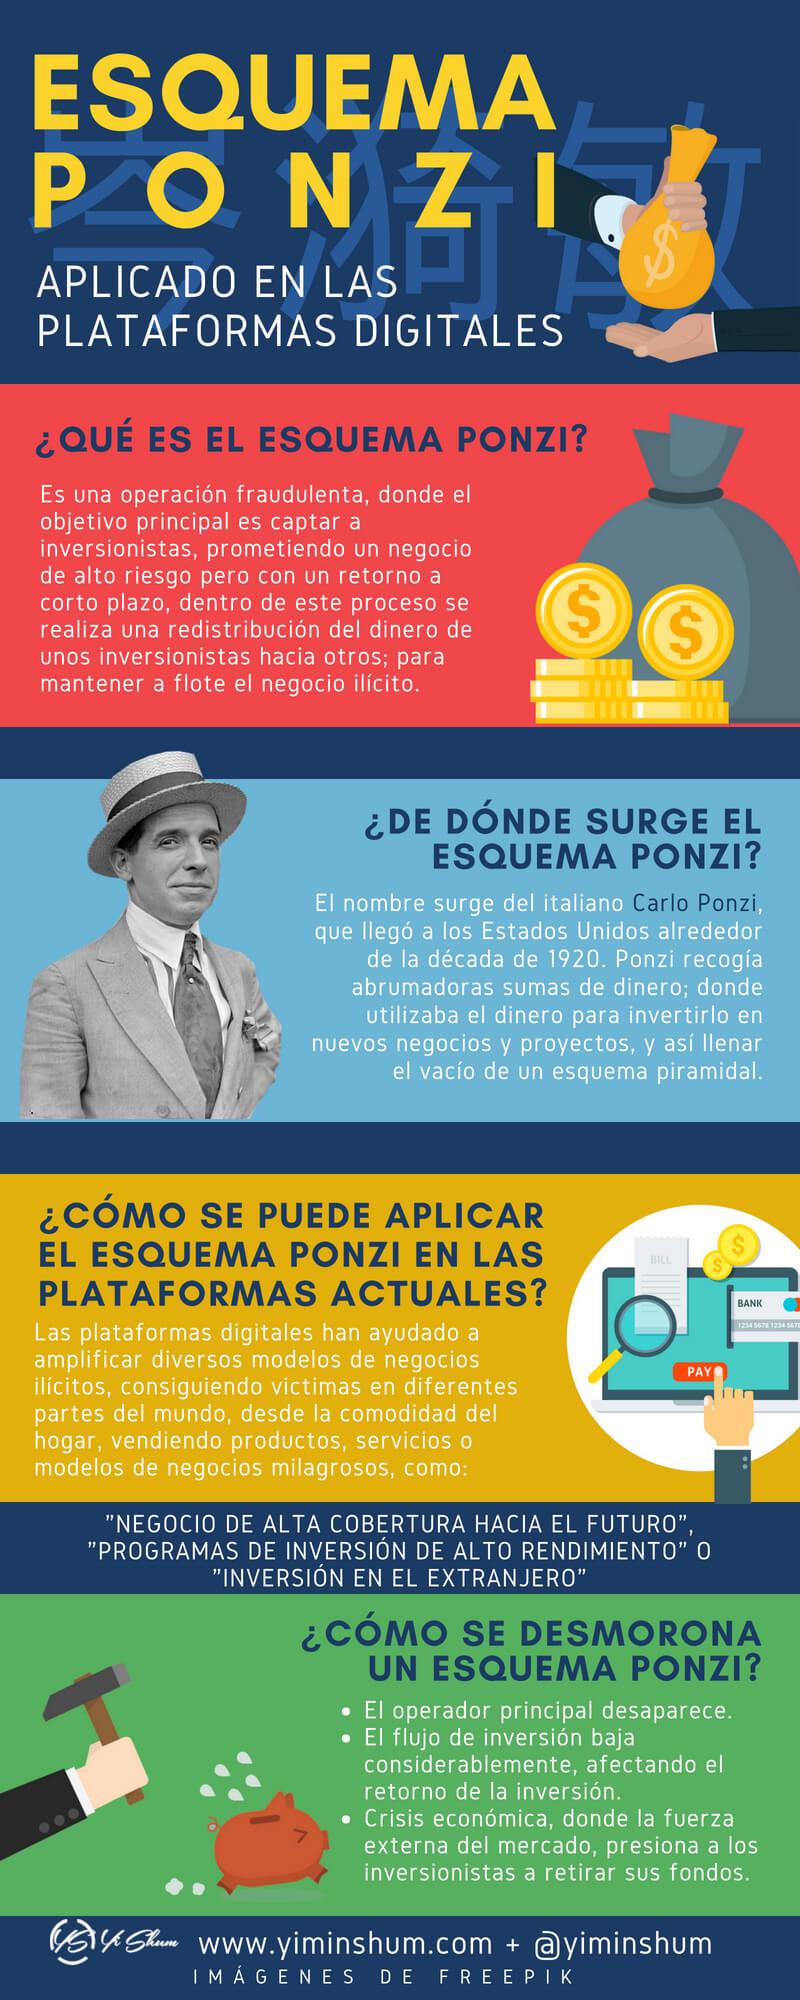 Esquema Ponzi aplicado en las plataformas digitales infografía imagen